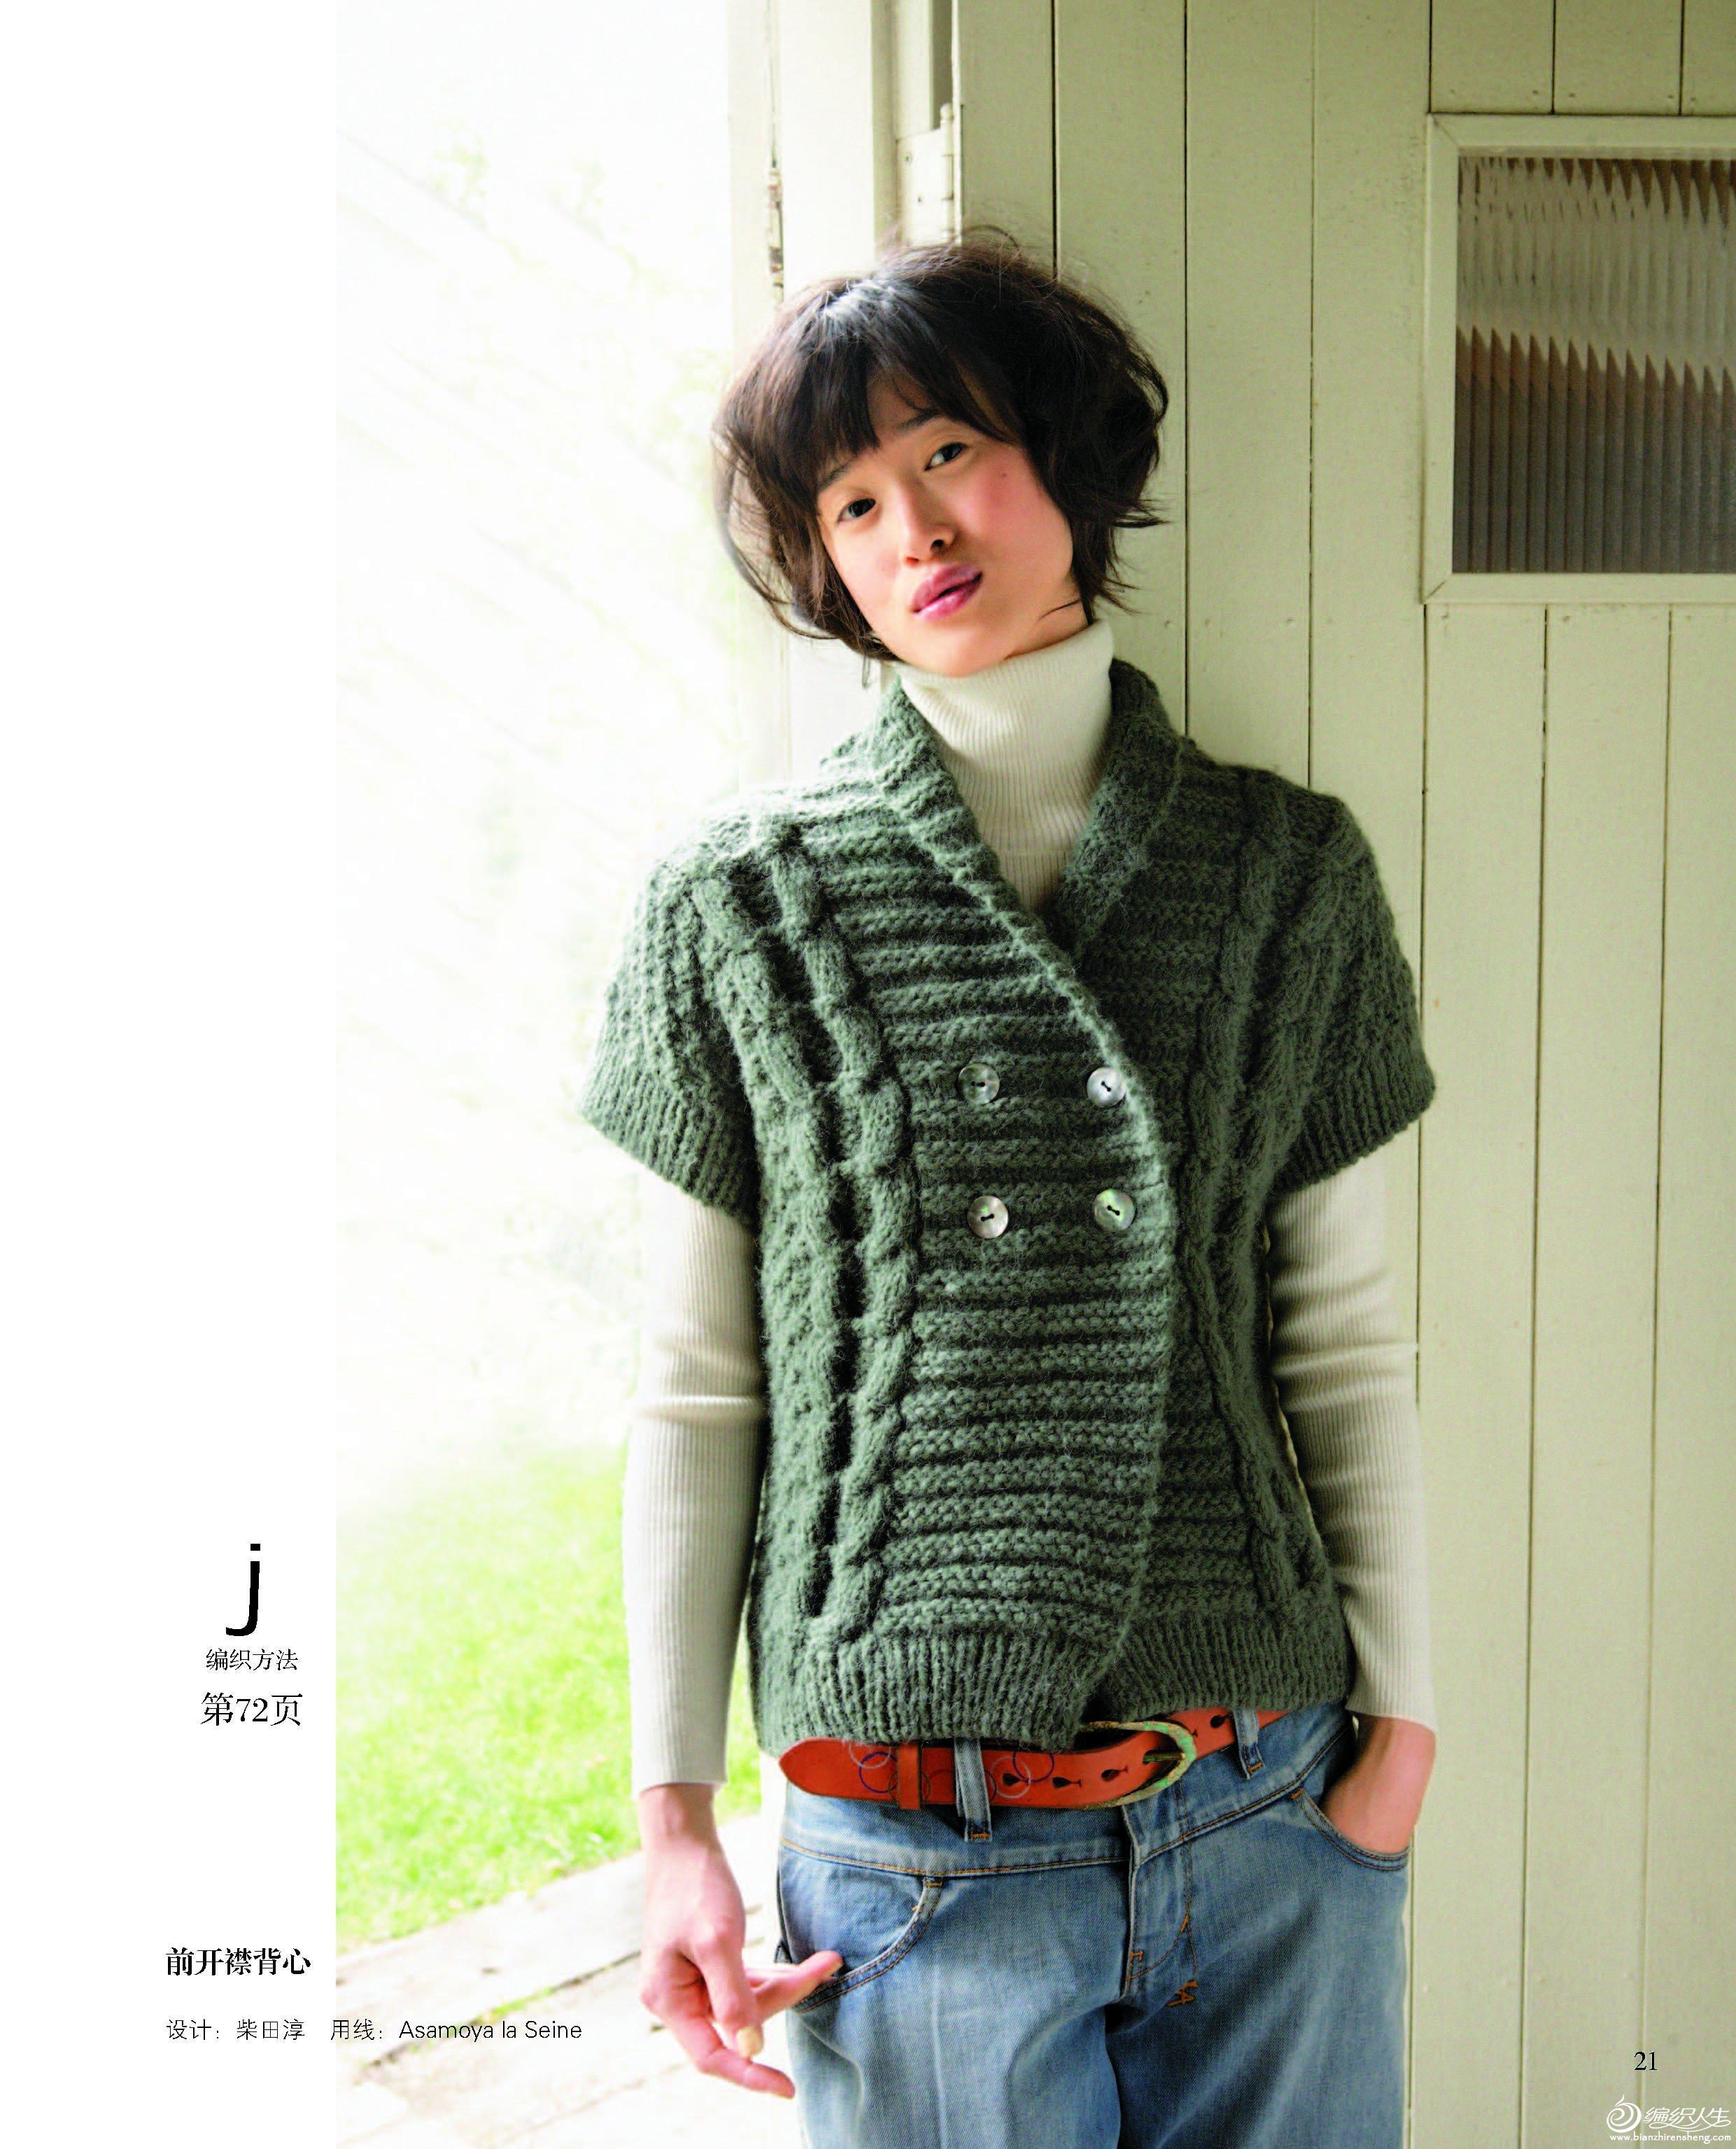 22款北欧阿伦花样的手编毛衣&小物-清晰全书版_页面_19.jpg